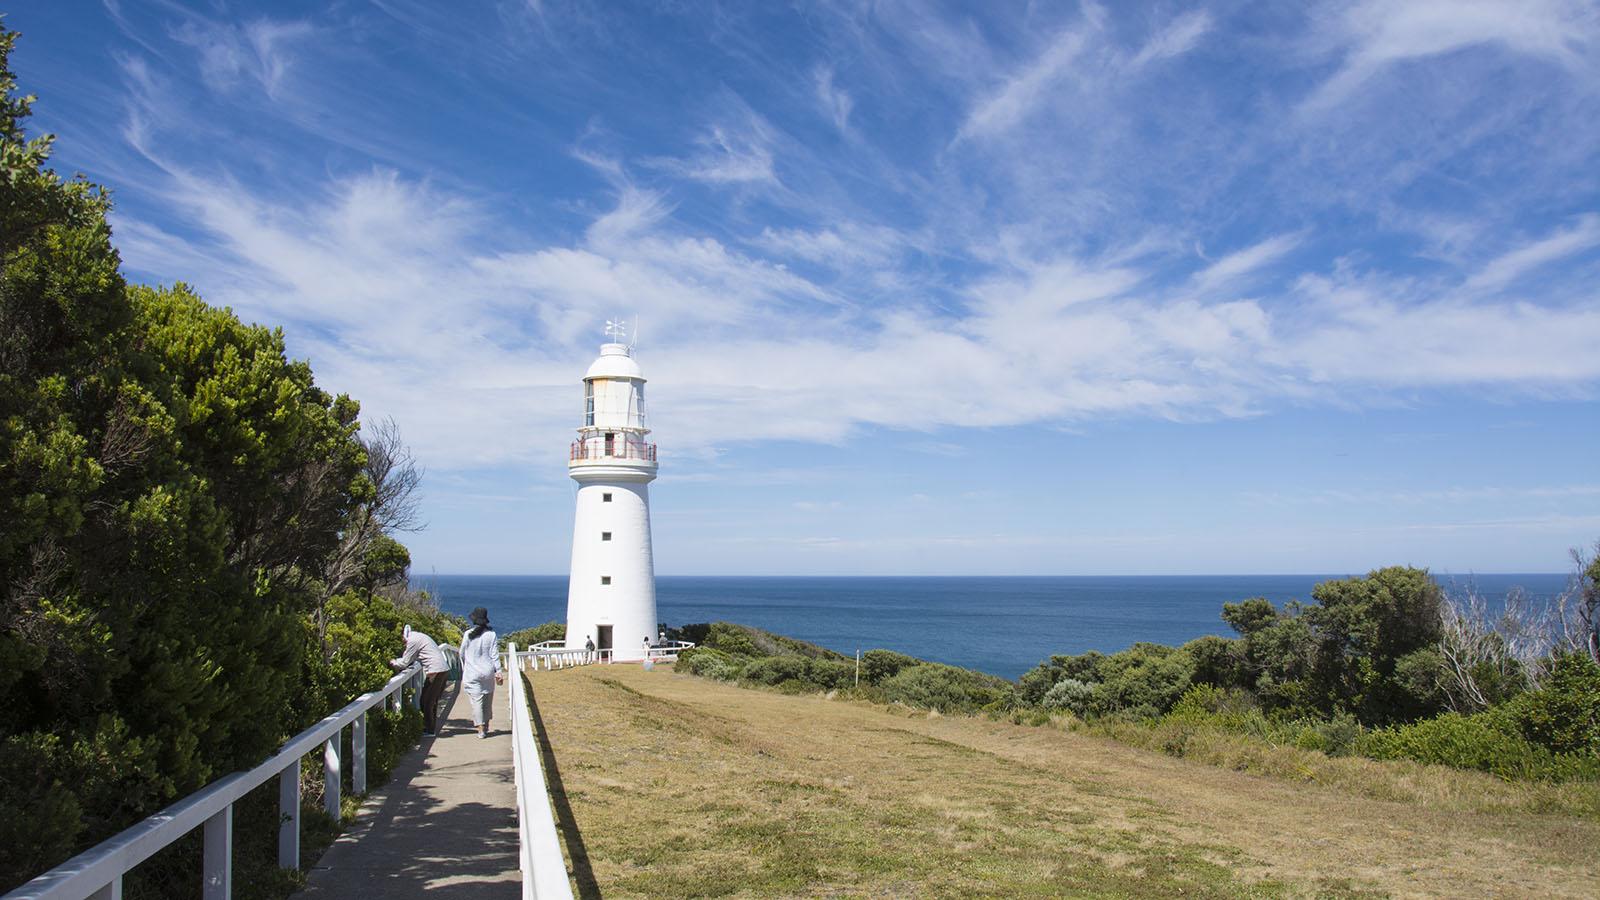 Cape Otway Lightstation, Great Ocean Road, Victoria, Australia